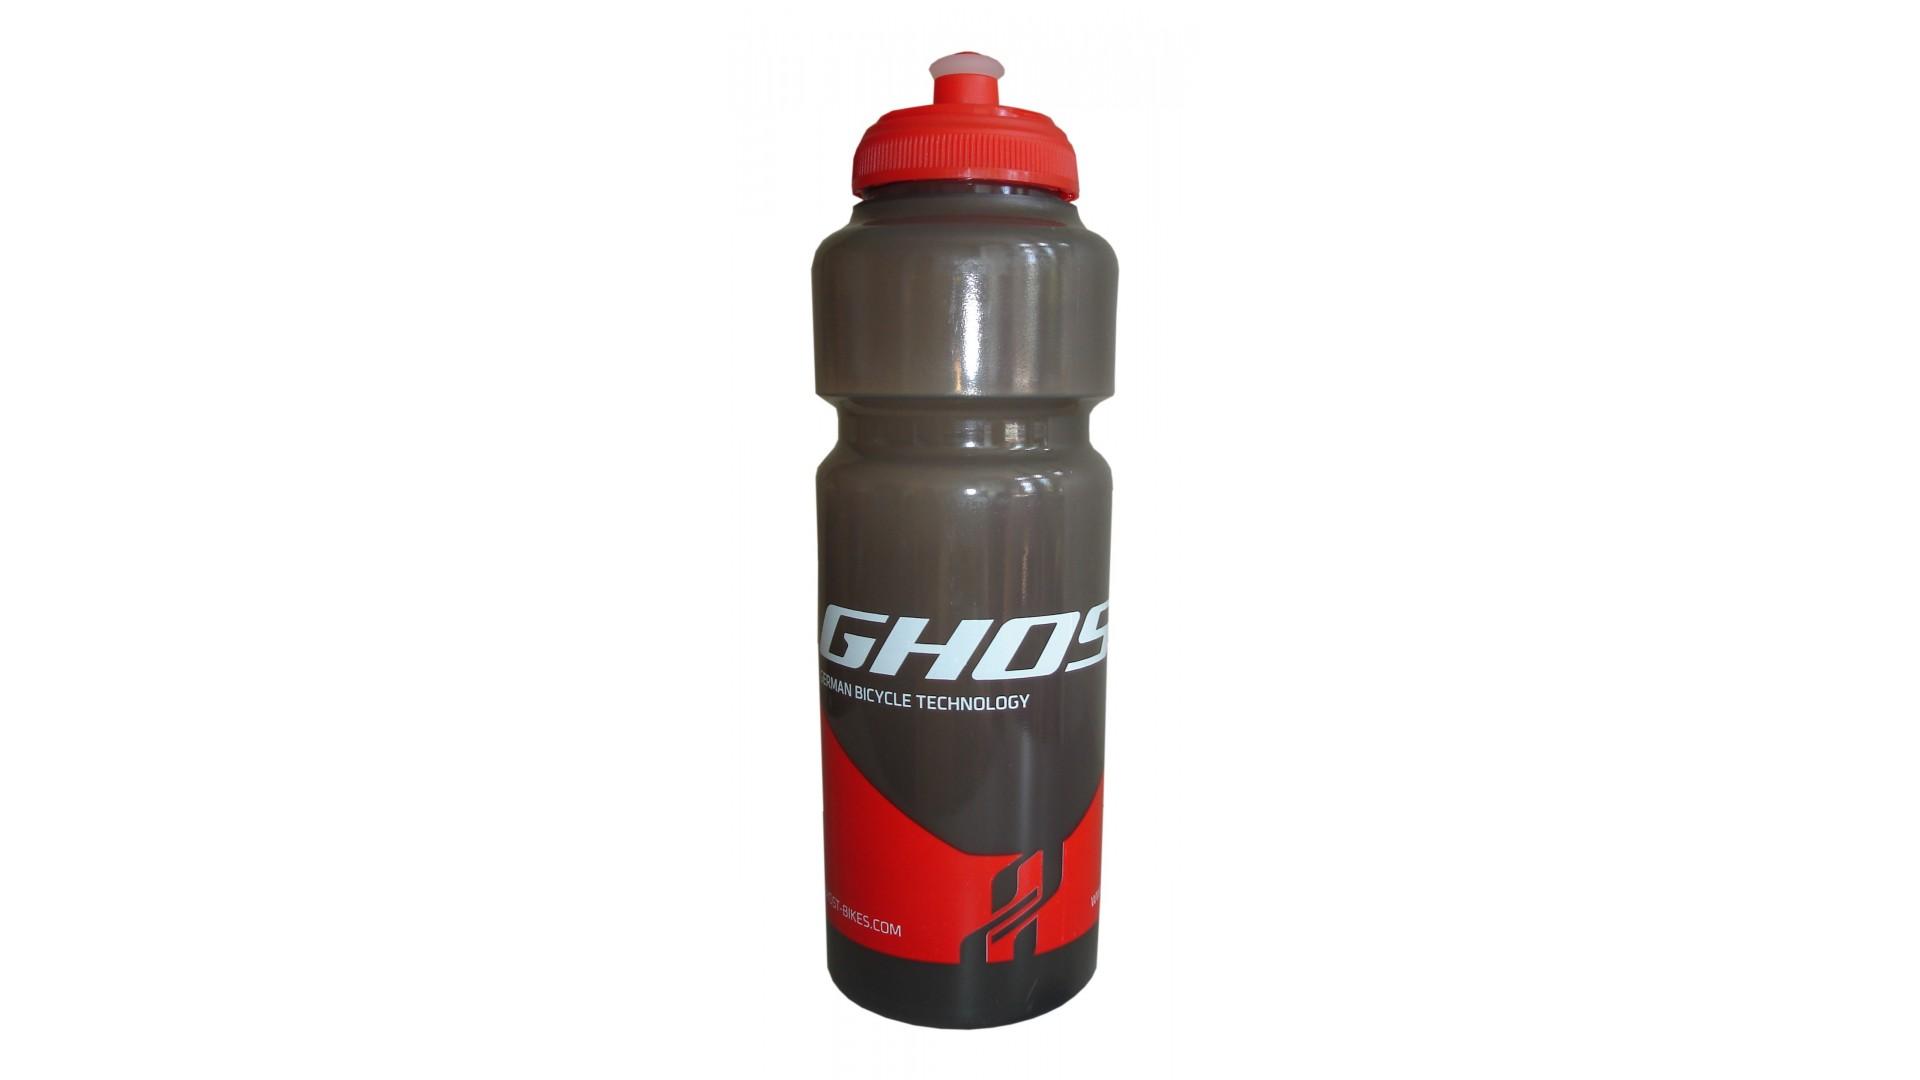 Фляга Ghost 750 ml непрозрачная black/red